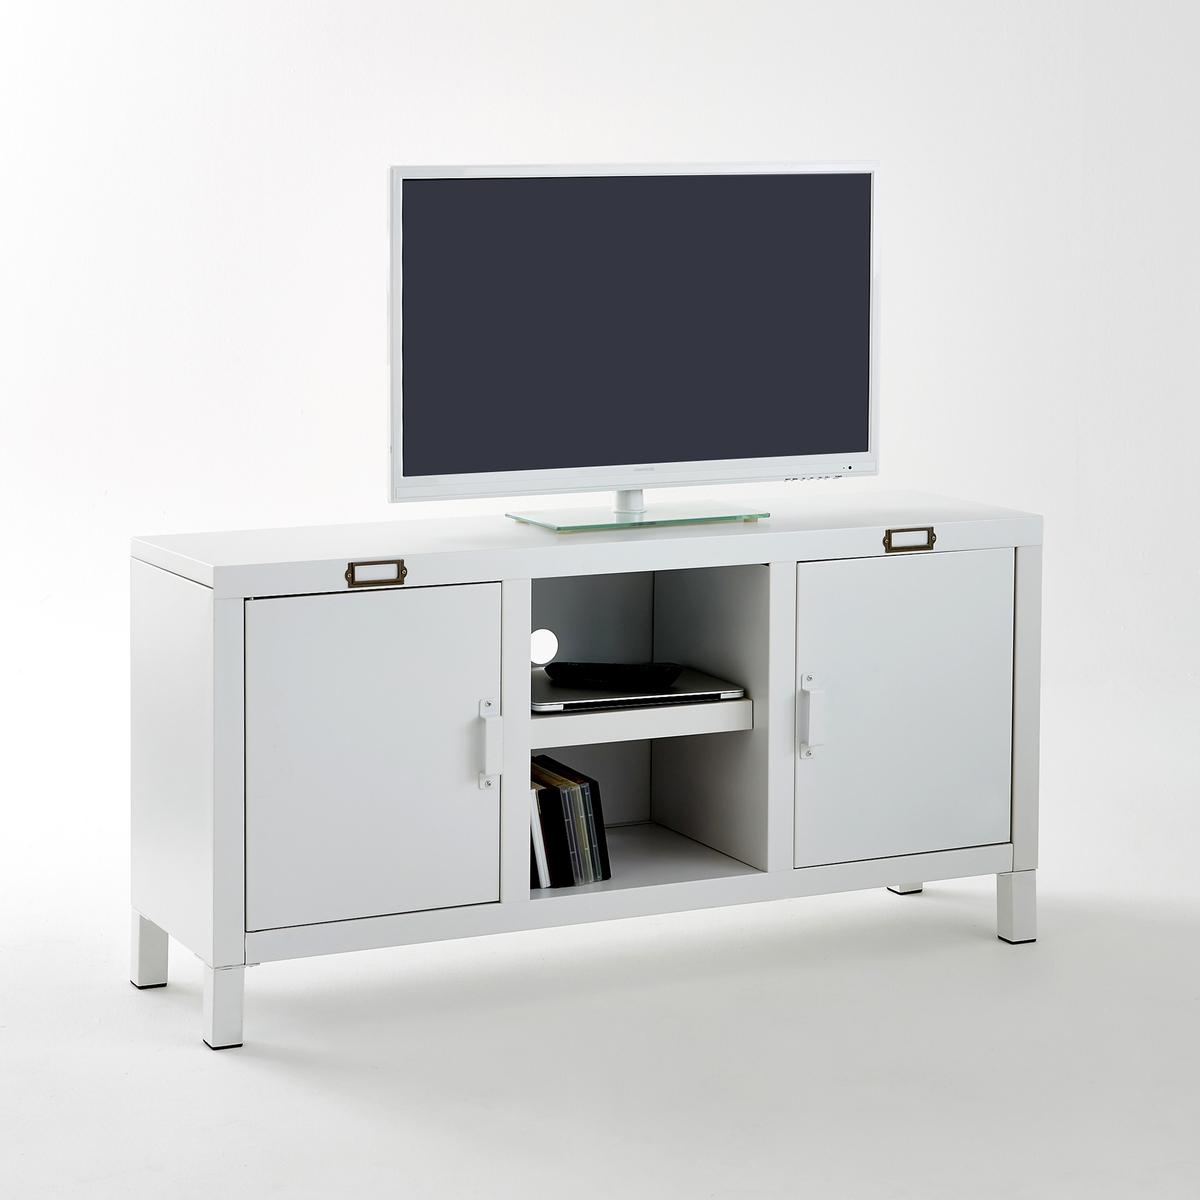 Тумба для ТВ, Hibaоригинальная тумба для TV Hiba из стали..                                                         Описание мебели Hiba  :2 дверки с отделением для журналов  2 ниши  2 отверстия для кабеля,  1 съемная столешница за каждой дверкой  . Характеристики мебели Hiba  :Сталь с эпоксидным матовым покрытием,  Экран до 50 дюймов (127 см)  Максимальный. выдерживаемый вес: 40 кг  Откройте для себя всю коллекцию  Hiba на сайте laredoute.ru.Размеры мебели Hiba:Общие :Ширина : 120 см.Высота : 60 смГлубина : 35 см.Центральные ниши:34,5 x 15 x 33 см Размеры упаковки :1 упаковка131 x 14 x 51 см 22,65 кгДоставка :Мебель TV Hiba продается готовой к сборке. Доставка до квартиры!Внимание ! Убедитесь, что товар возможно доставить на дом, учитывая его габариты (проходит в двери, по лестницам, в лифты).<br><br>Цвет: белый